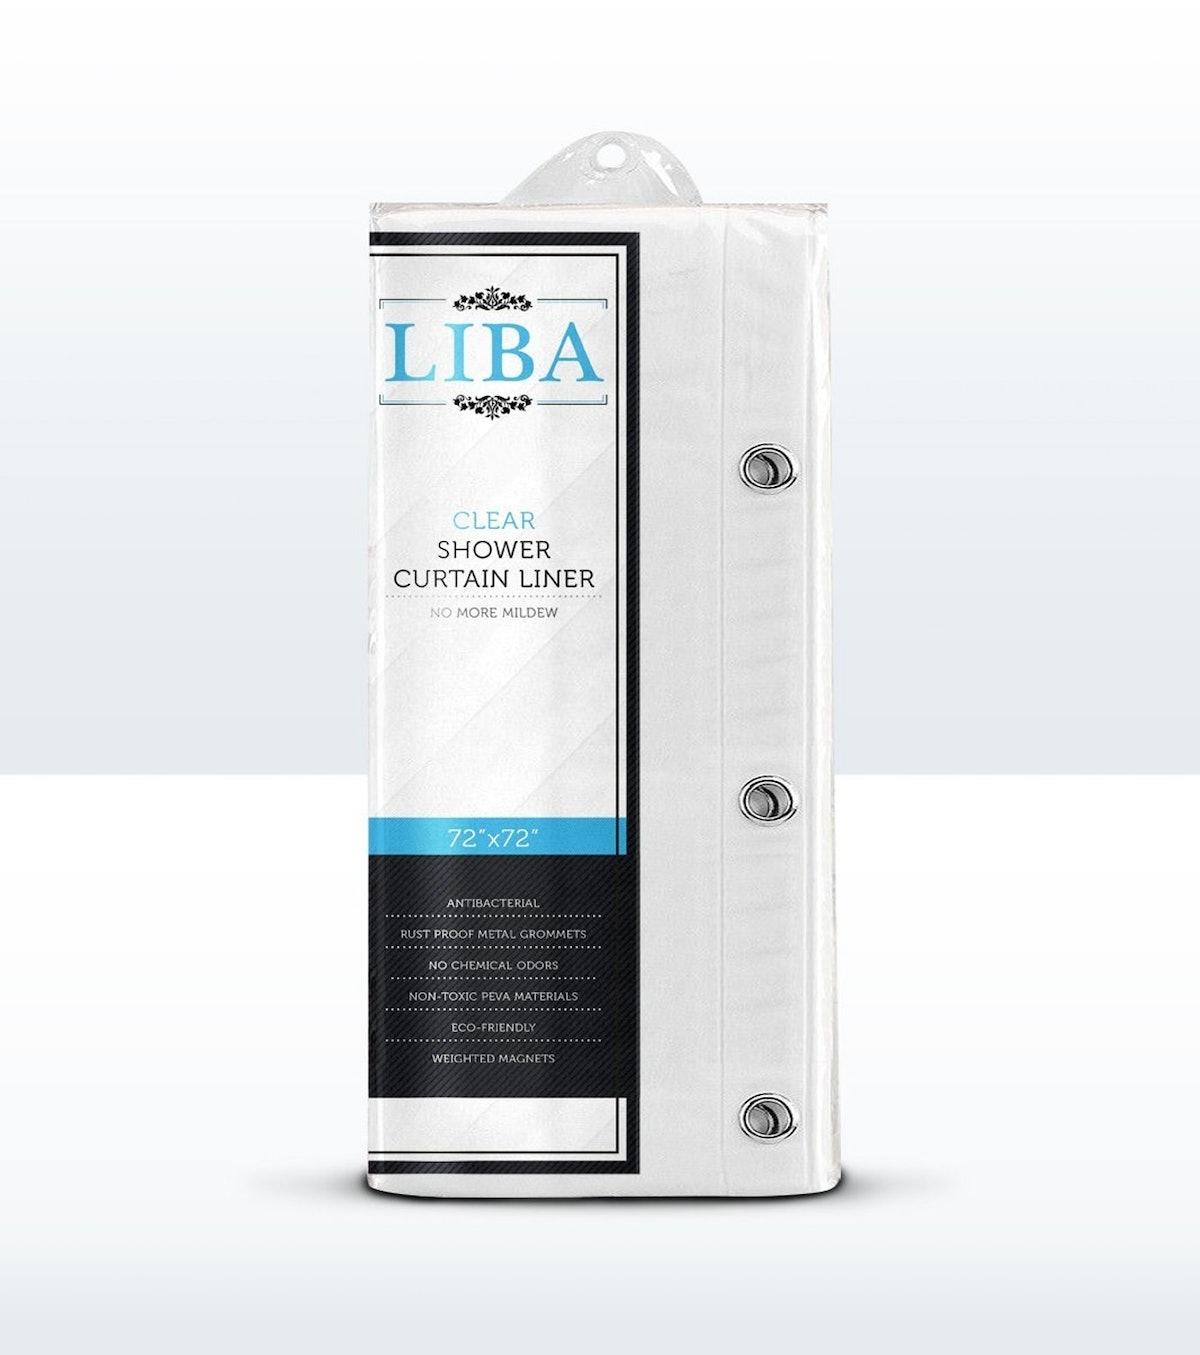 LiBa Antibacterial Shower Curtain